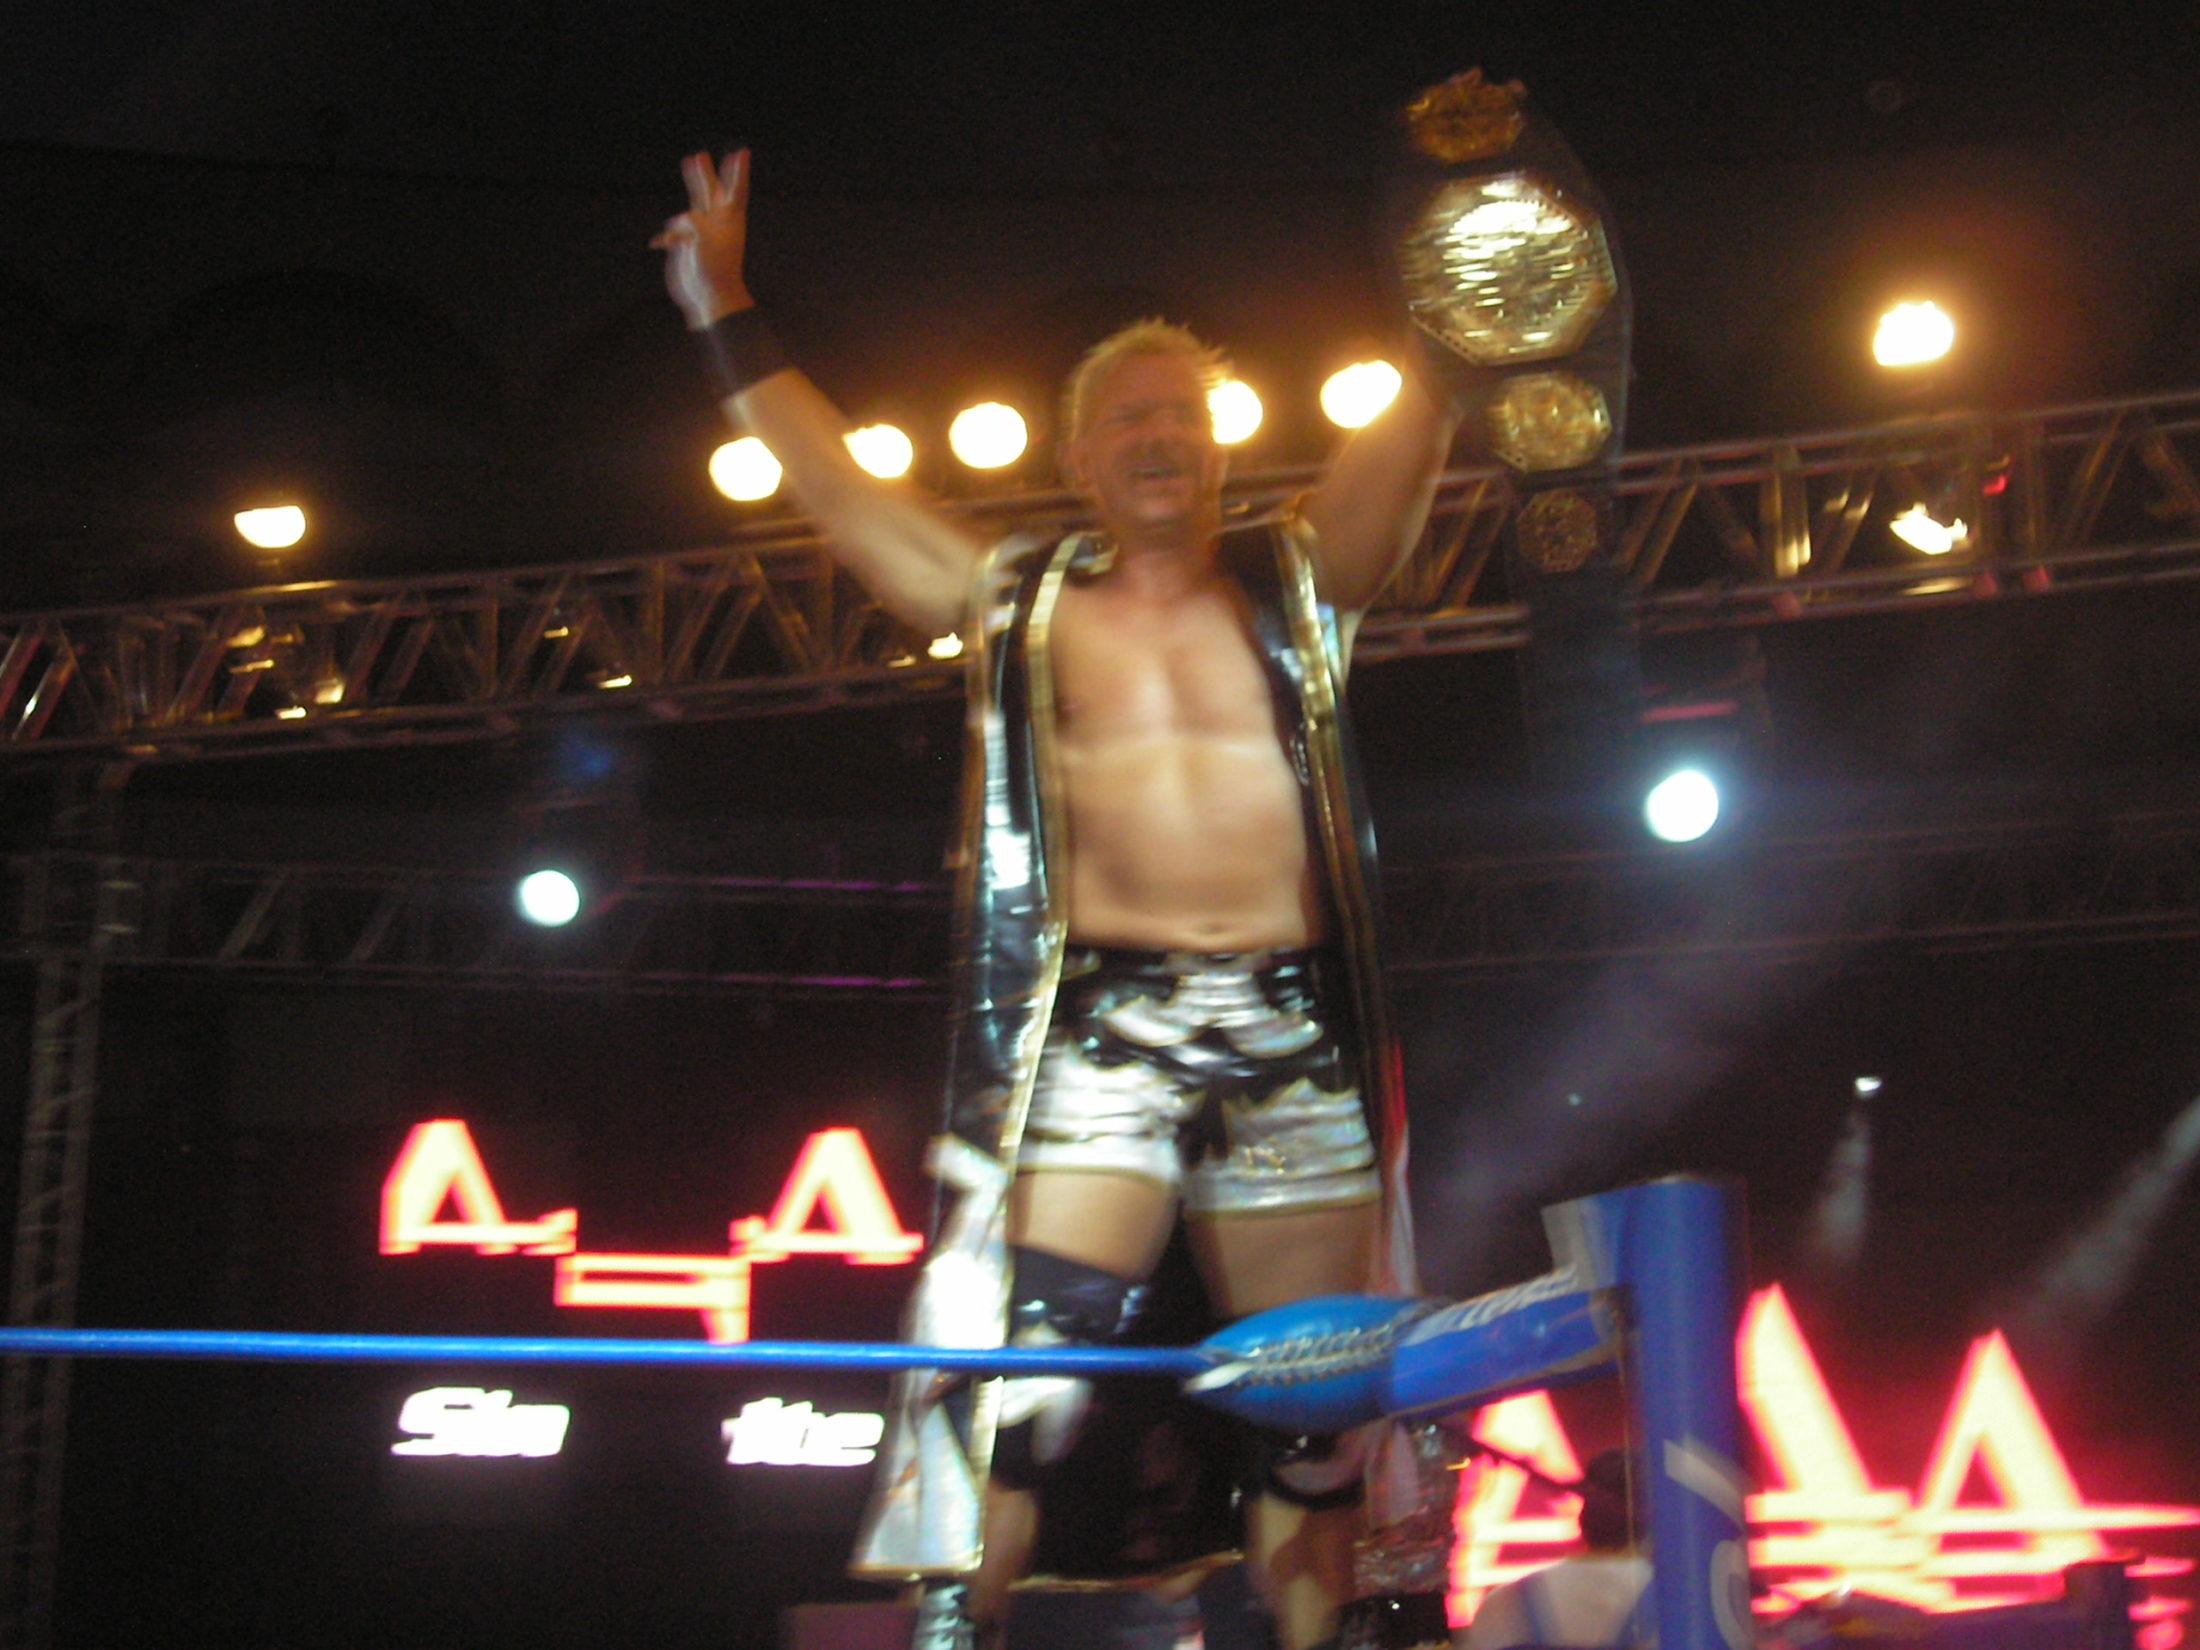 AAA Verano de Escándalo 2011 (resultados 31 de Julio) ¡Jeff Jarrett retiene con la ayuda del Zorro enmascarado!- X- Fly pierde la cabellera- Pimpinela nueva Reina de reinas 5